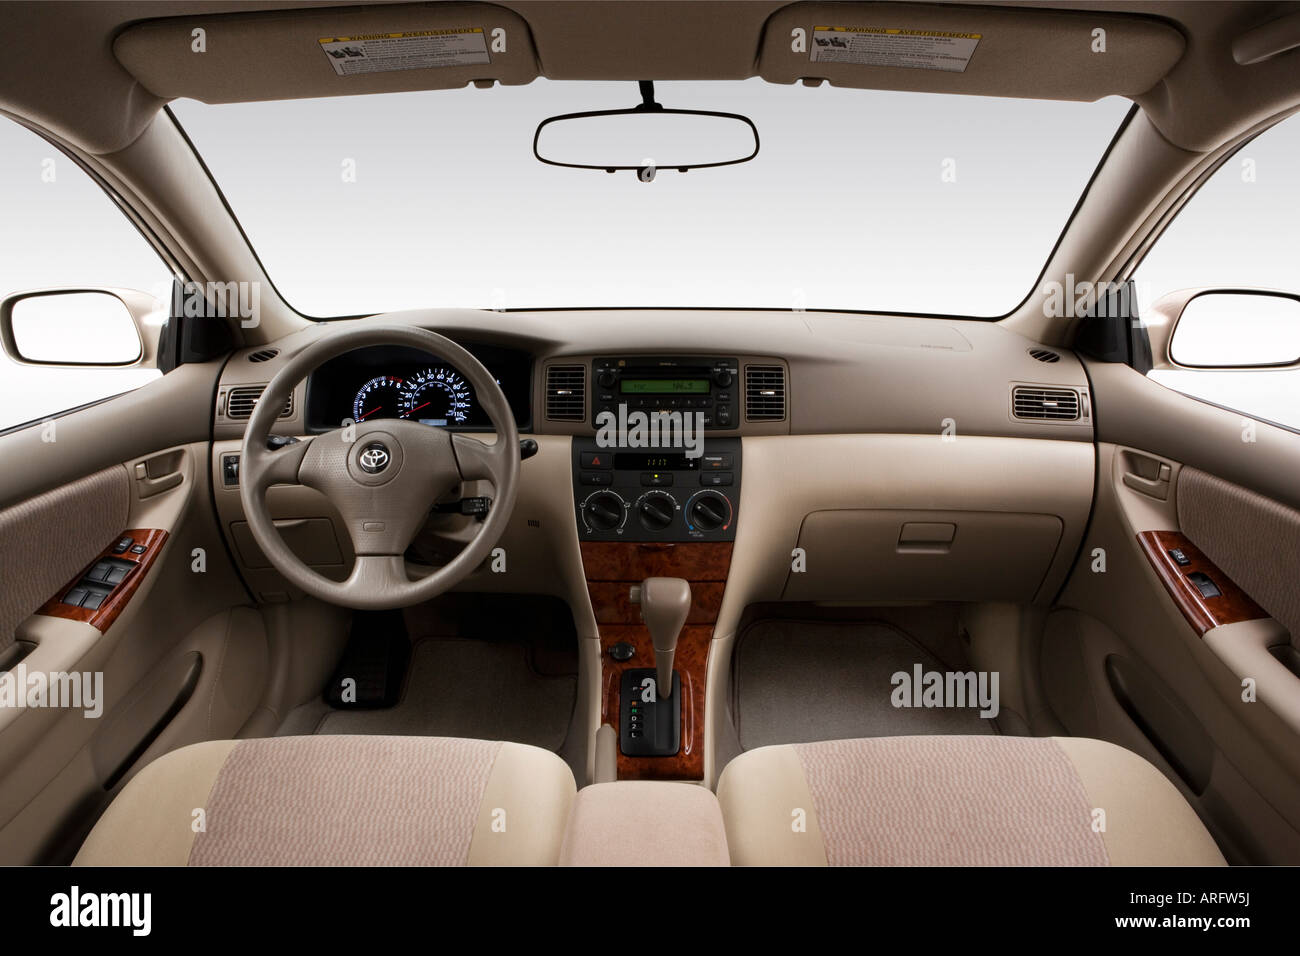 Beautiful 2008 Toyota Corolla LE Em Bege   Painel De Bordo, Consola Central, Vista De  Mudança De Marchas